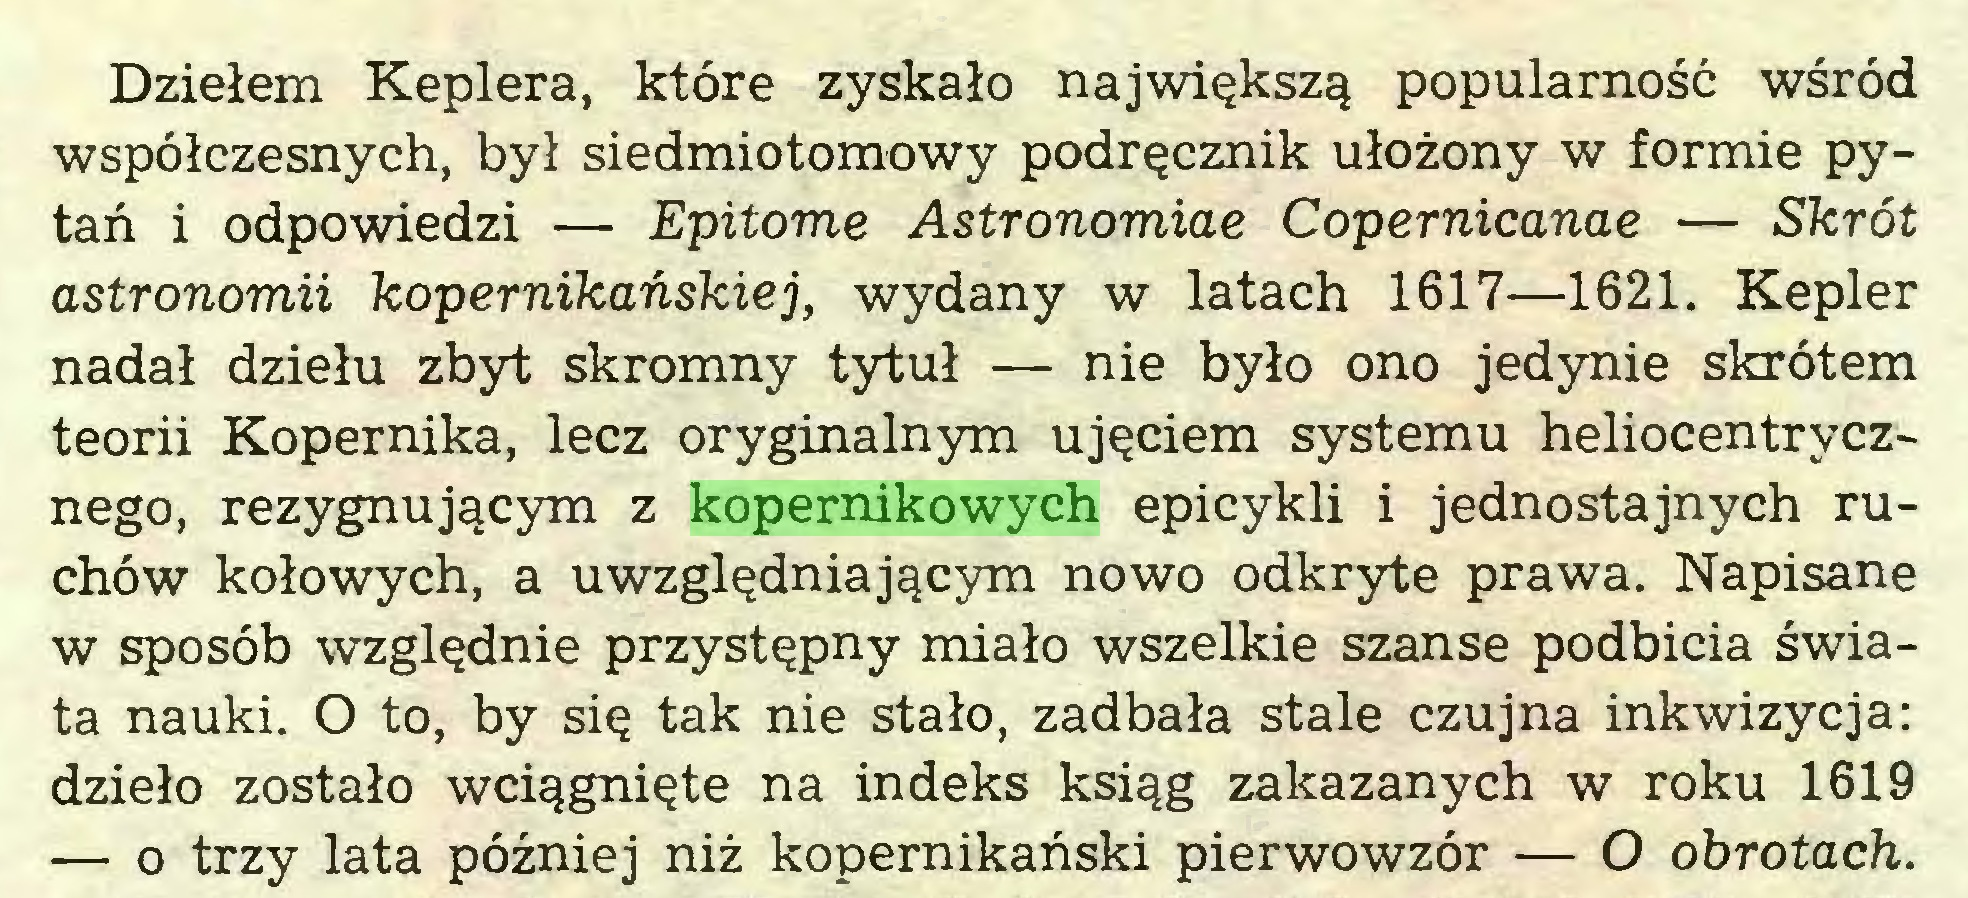 (...) Dziełem Keplera, które zyskało największą popularność wśród współczesnych, był siedmiotomowy podręcznik ułożony w formie pytań i odpowiedzi — Epitome Astronomiae Copemicanae — Skrót astronomii kopernikańskiej, wydany w latach 1617—1621. Kepler nadał dziełu zbyt skromny tytuł — nie było ono jedynie skrótem teorii Kopernika, lecz oryginalnym ujęciem systemu heliocentrycznego, rezygnującym z kopernikowych epicykli i jednostajnych ruchów kołowych, a uwzględniającym nowo odkryte prawa. Napisane w sposób względnie przystępny miało wszelkie szanse podbicia świata nauki. O to, by się tak nie stało, zadbała stale czujna inkwizycja: dzieło zostało wciągnięte na indeks ksiąg zakazanych w roku 1619 — o trzy lata później niż kopernikański pierwowzór — O obrotach...